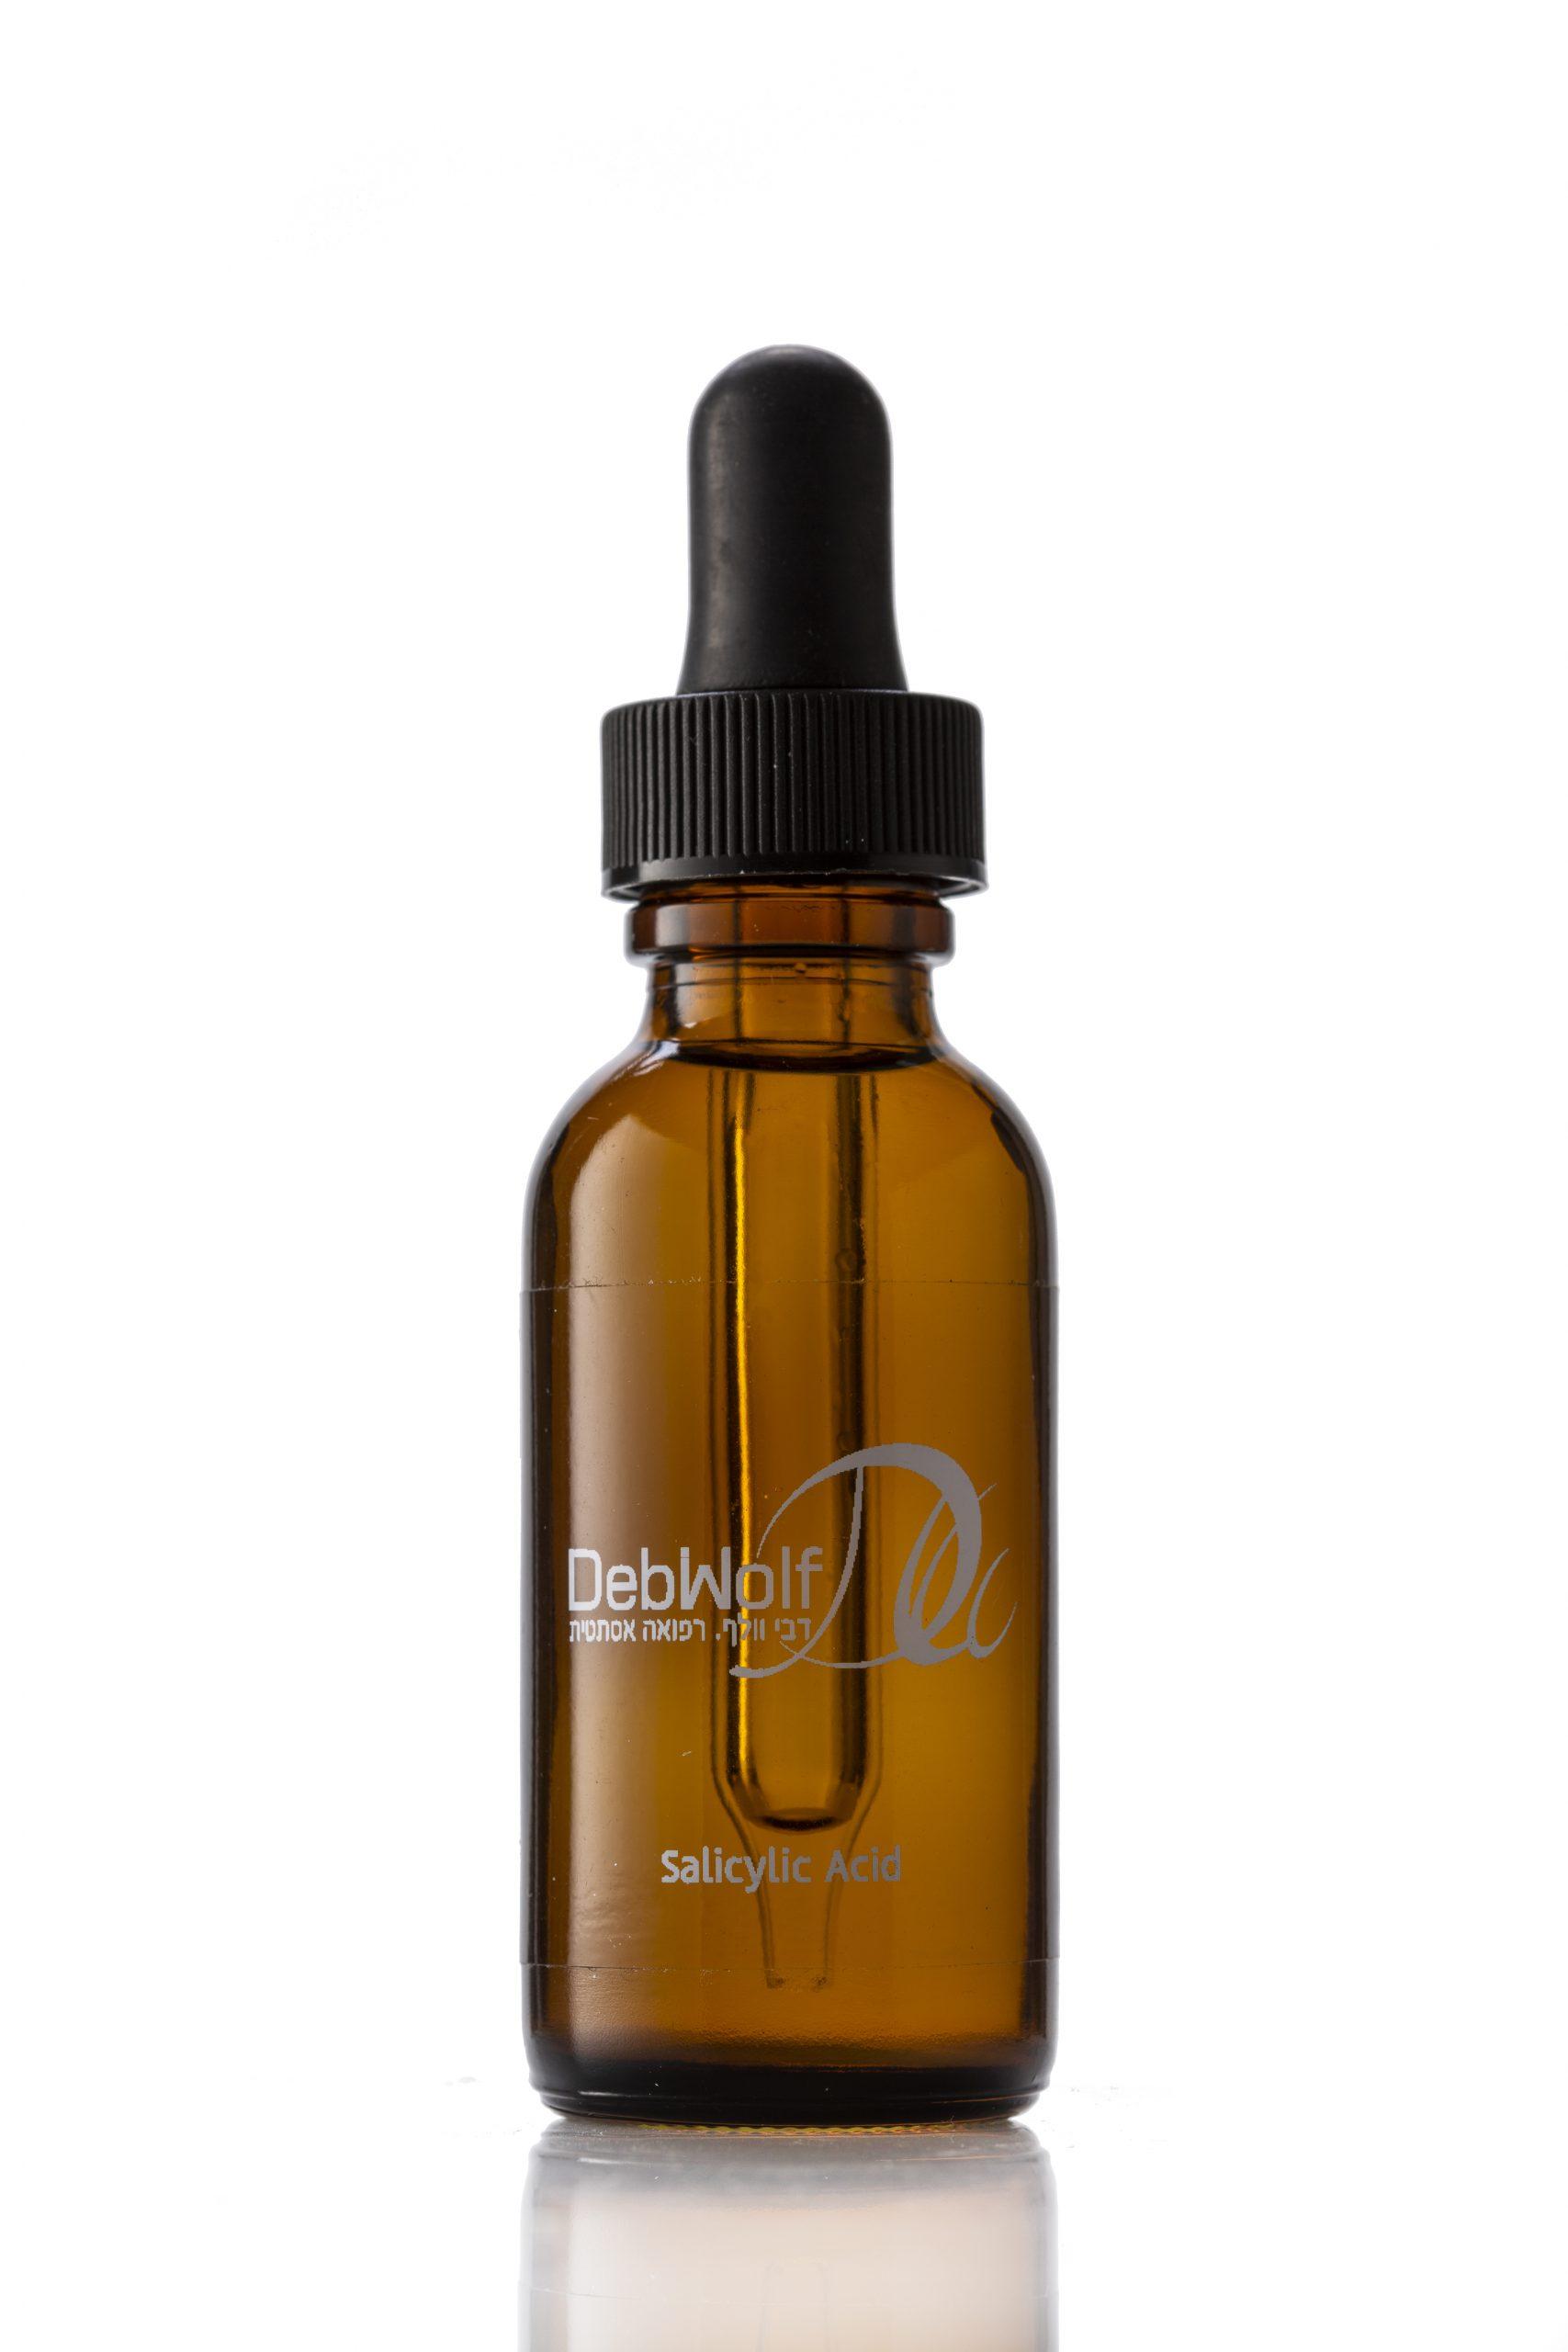 Salicylic Acid 2% |חומצה סליצילית 2%